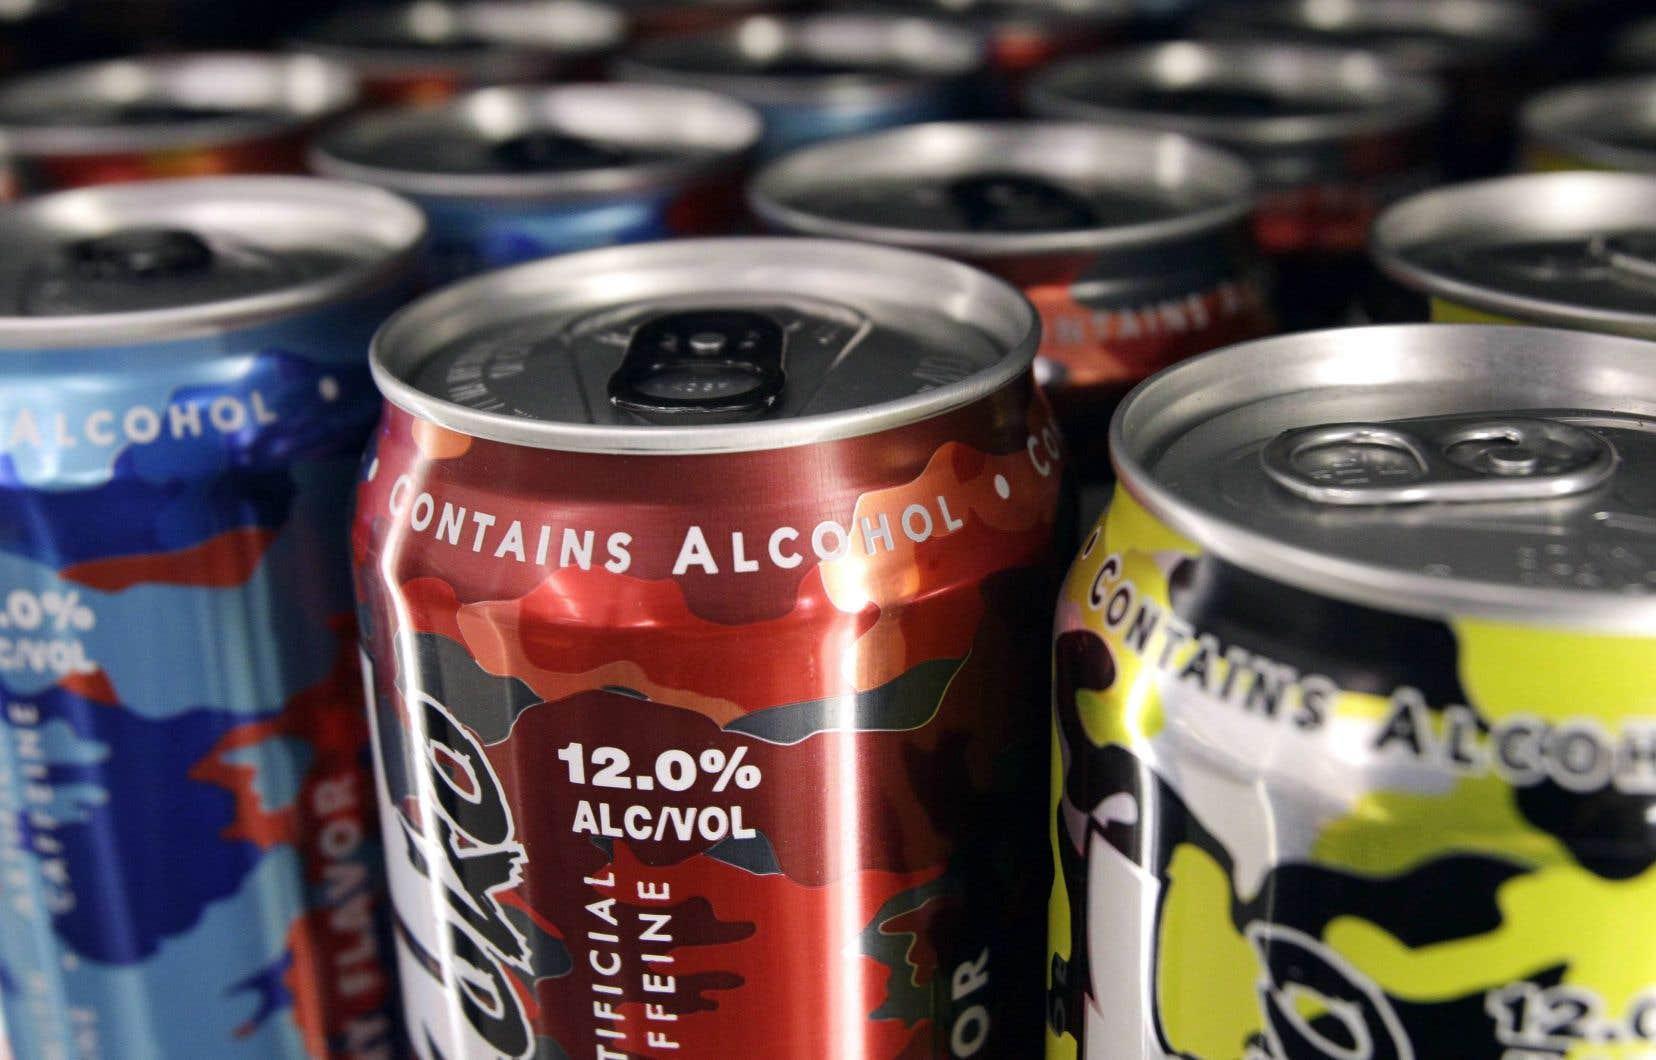 Après le décès d'une jeune adolescente, Éduc'alcool avait conseillé d'encadrer l'étiquetage et l'emballage de ces produits, qui attirent l'oeil des jeunes avec leurs couleurs vives.